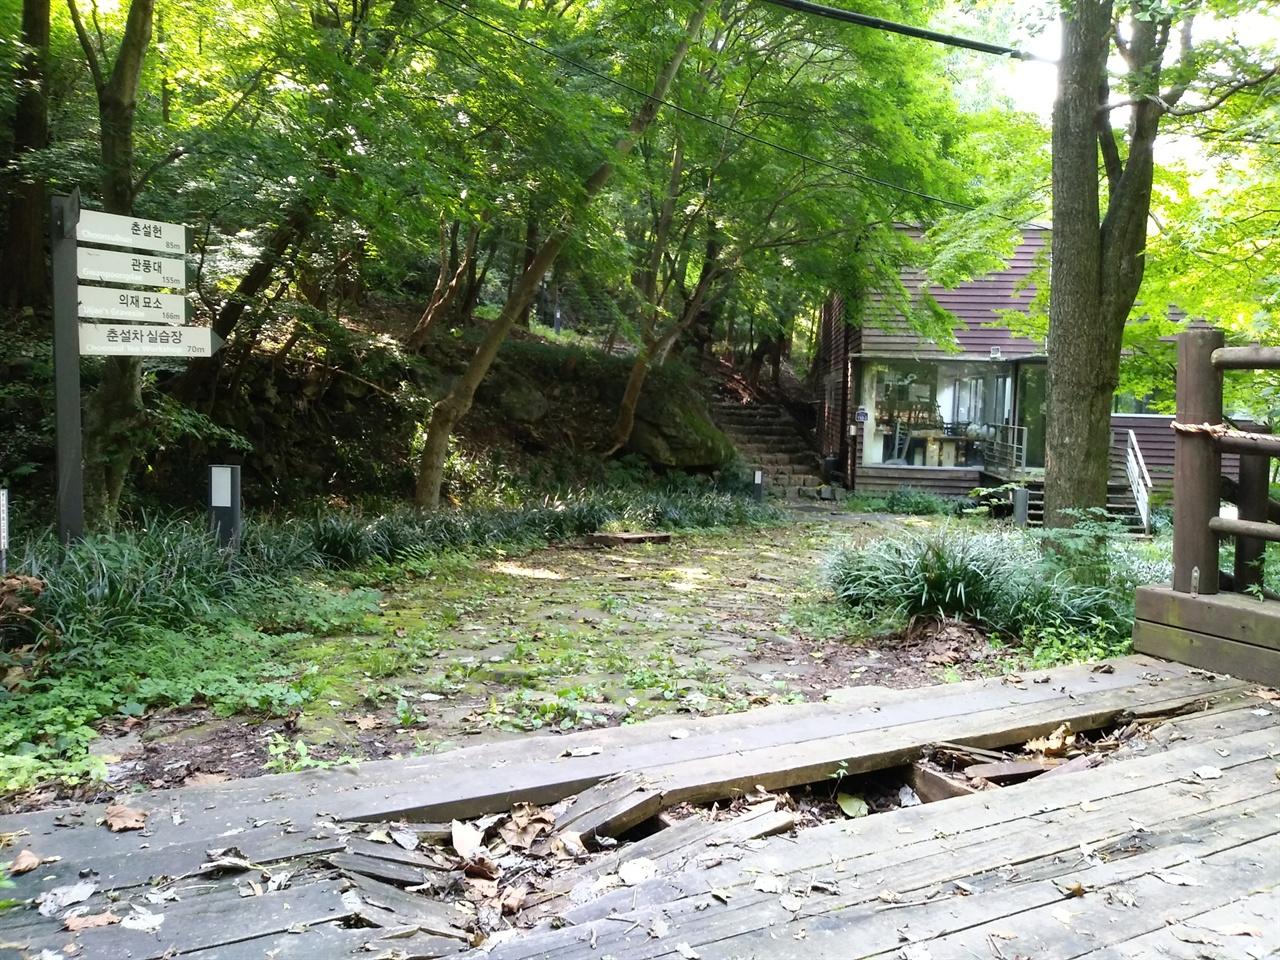 춘설헌과 묘소 가는 길 계곡을 건너는 나무 다리는 곳곳이 파손되어 있어 위험해보이기까지 한다. 오른쪽에 보이는 건물은 춘설차 시음장인데, 지금은 창고로 쓰이는 듯 온갖 잡동사니들이 널브러져 있다.